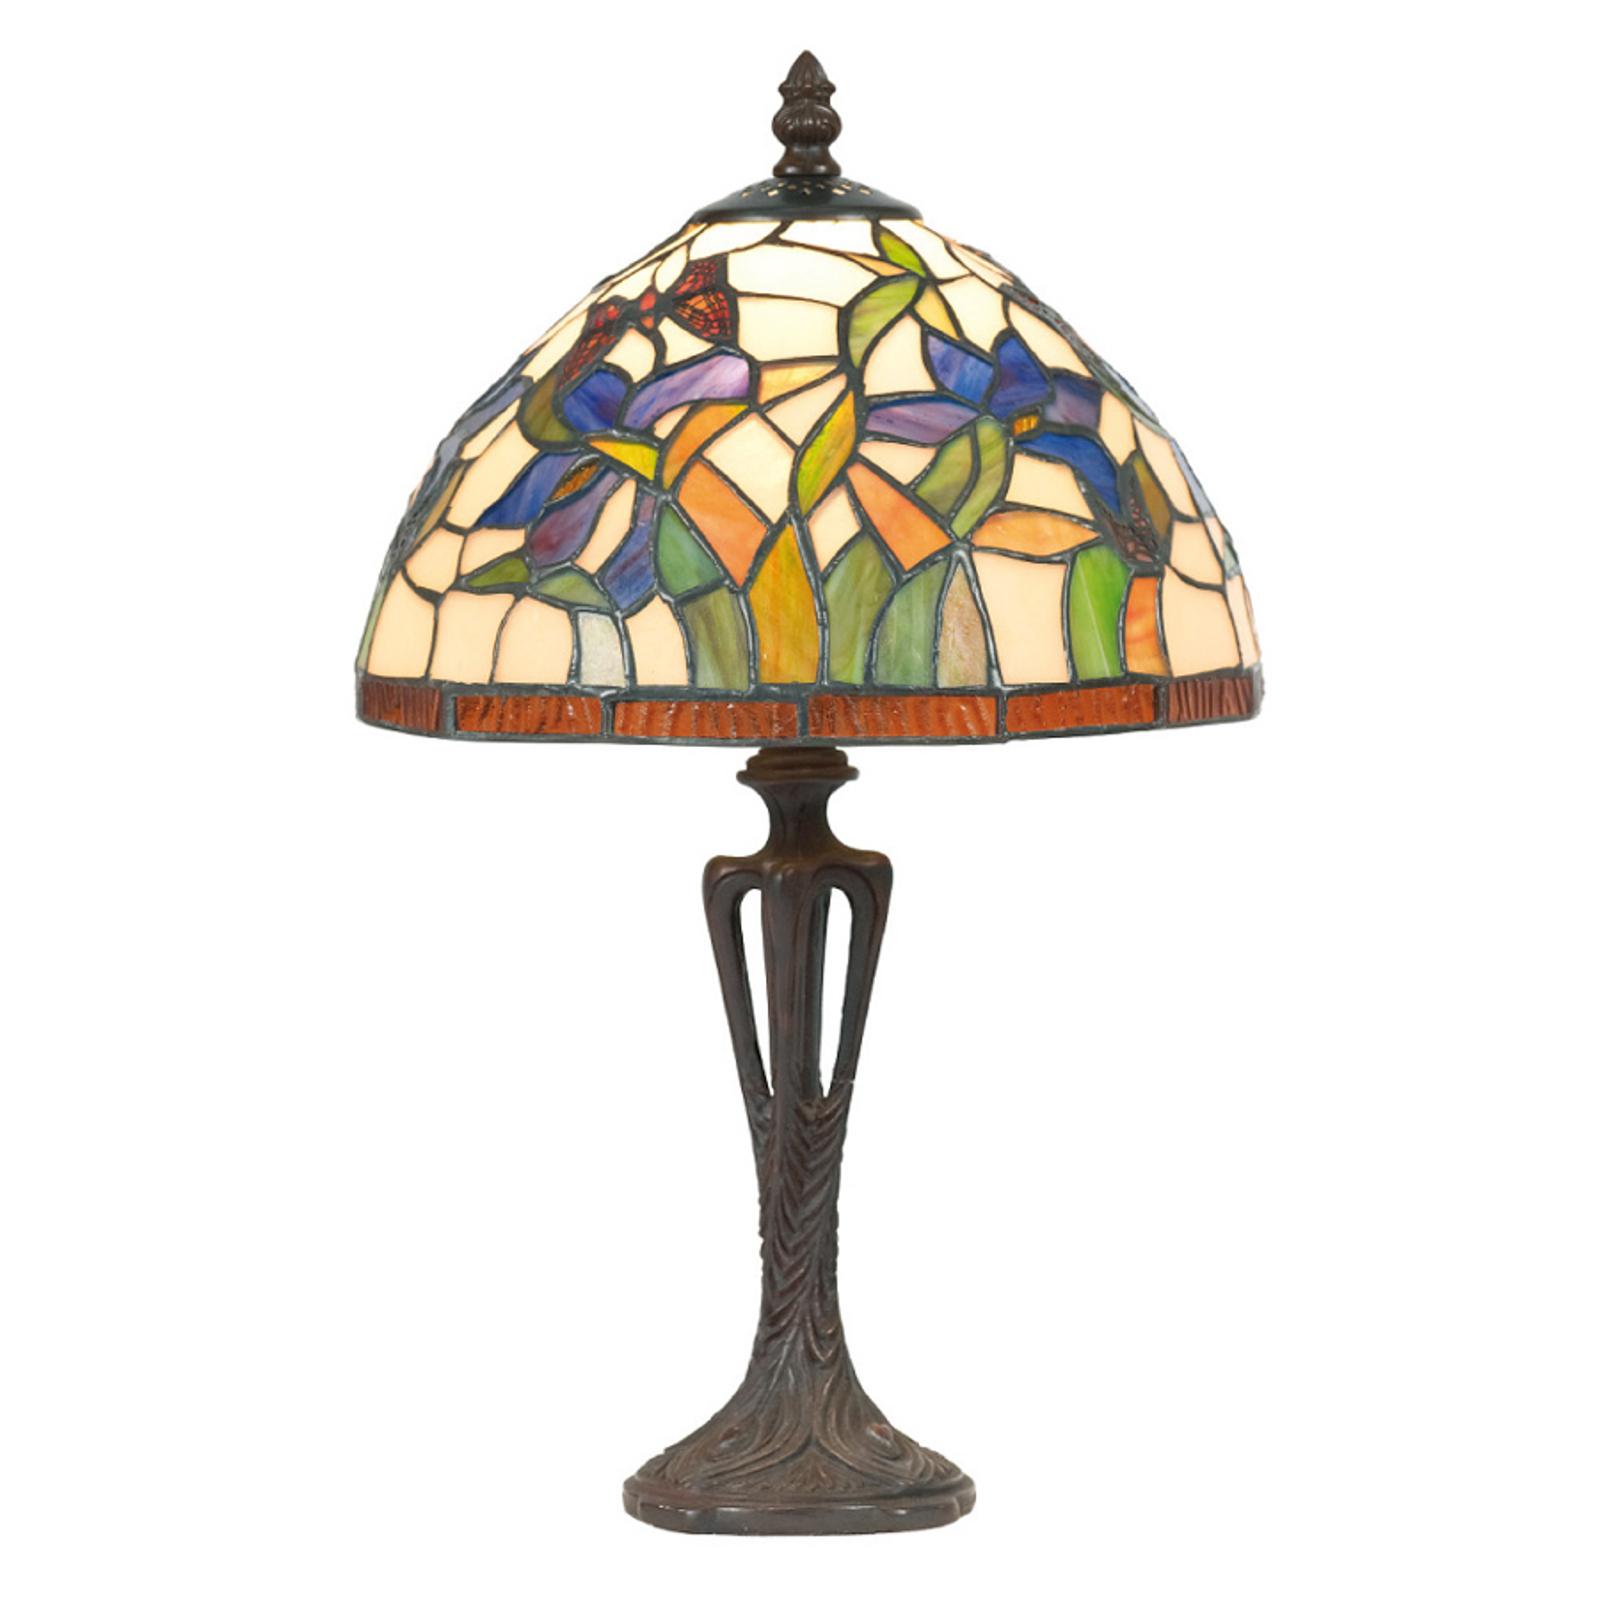 Stolová lampa Elanda v štýle Tiffany, 40 cm_1032162_1